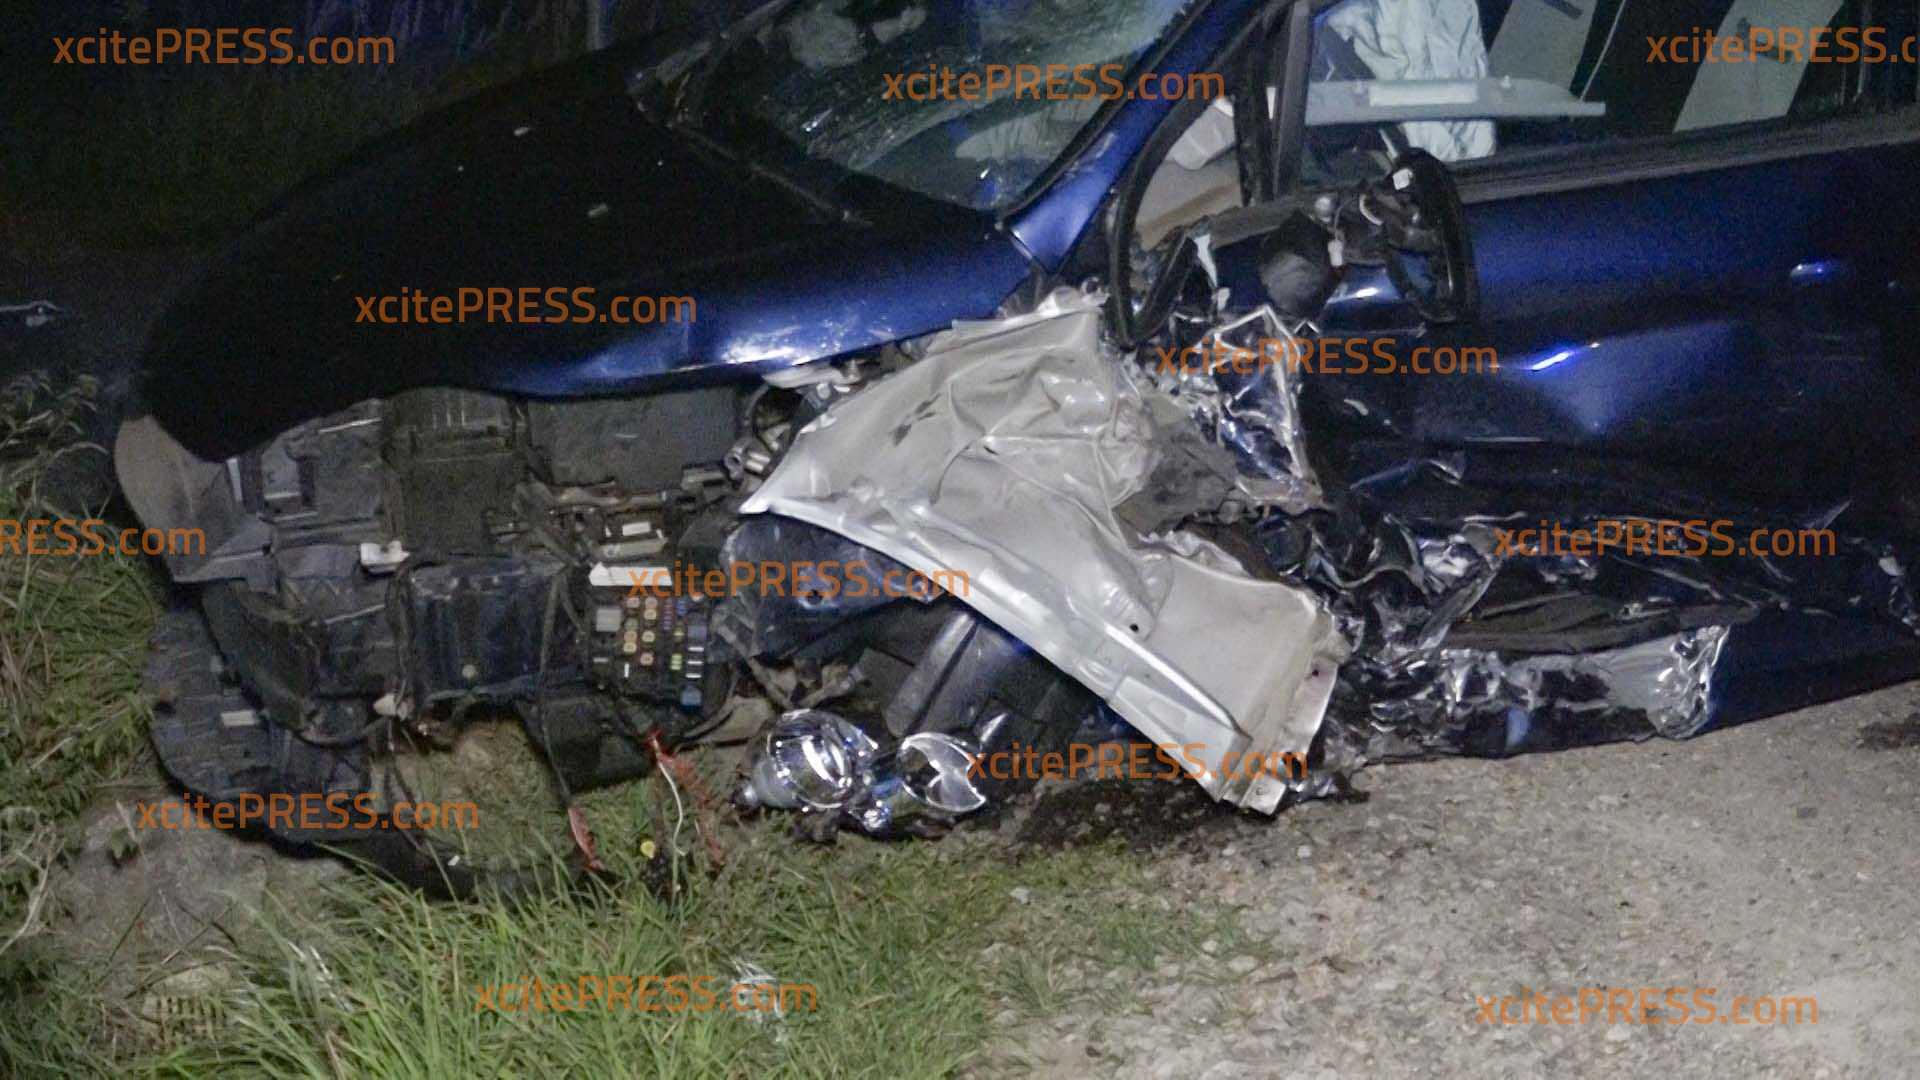 Crash am Autobahnzubringer: 2 Verletzte: Auffahrt zu Rettungs- und Bergungsmaßnahmen gesperrt